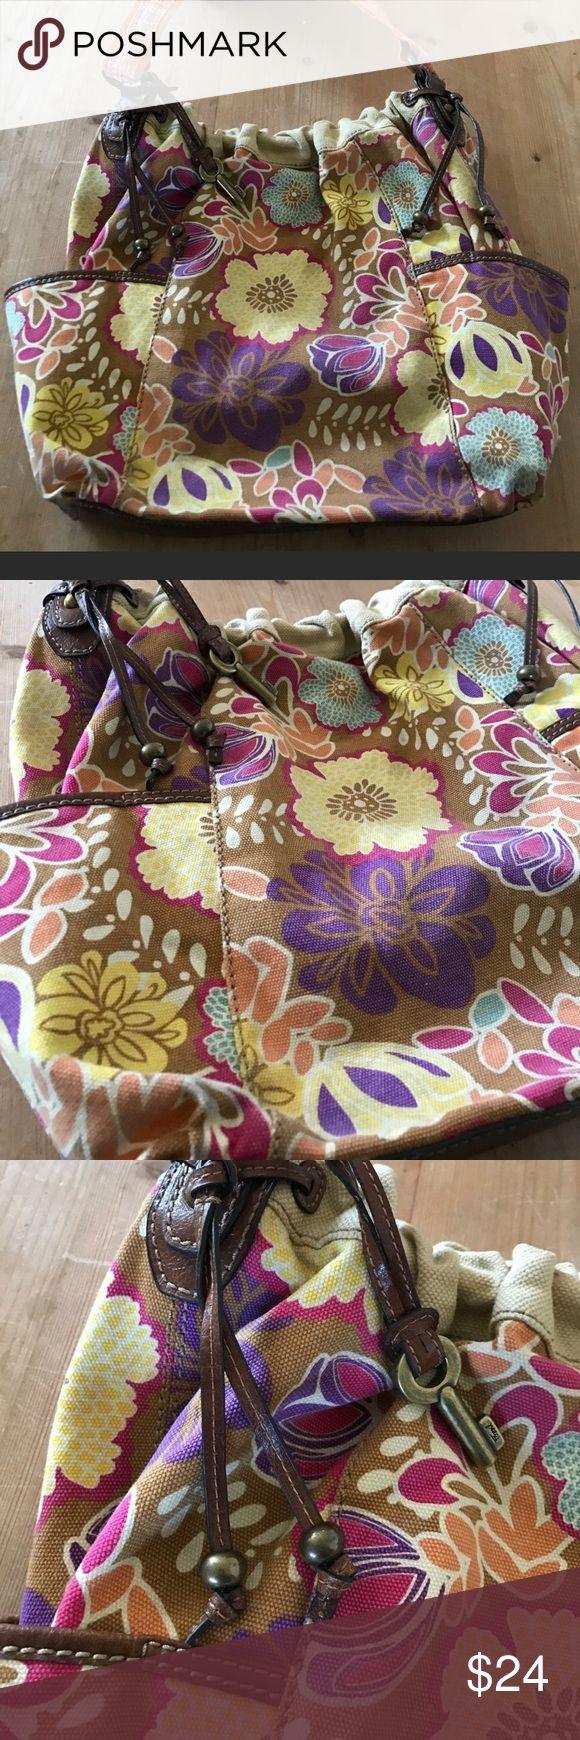 FOSSIL 🔑 Keyper Large Canvas Floral Shoulder Bag Super cute floral design. Fossil Bags Shoulder Bags